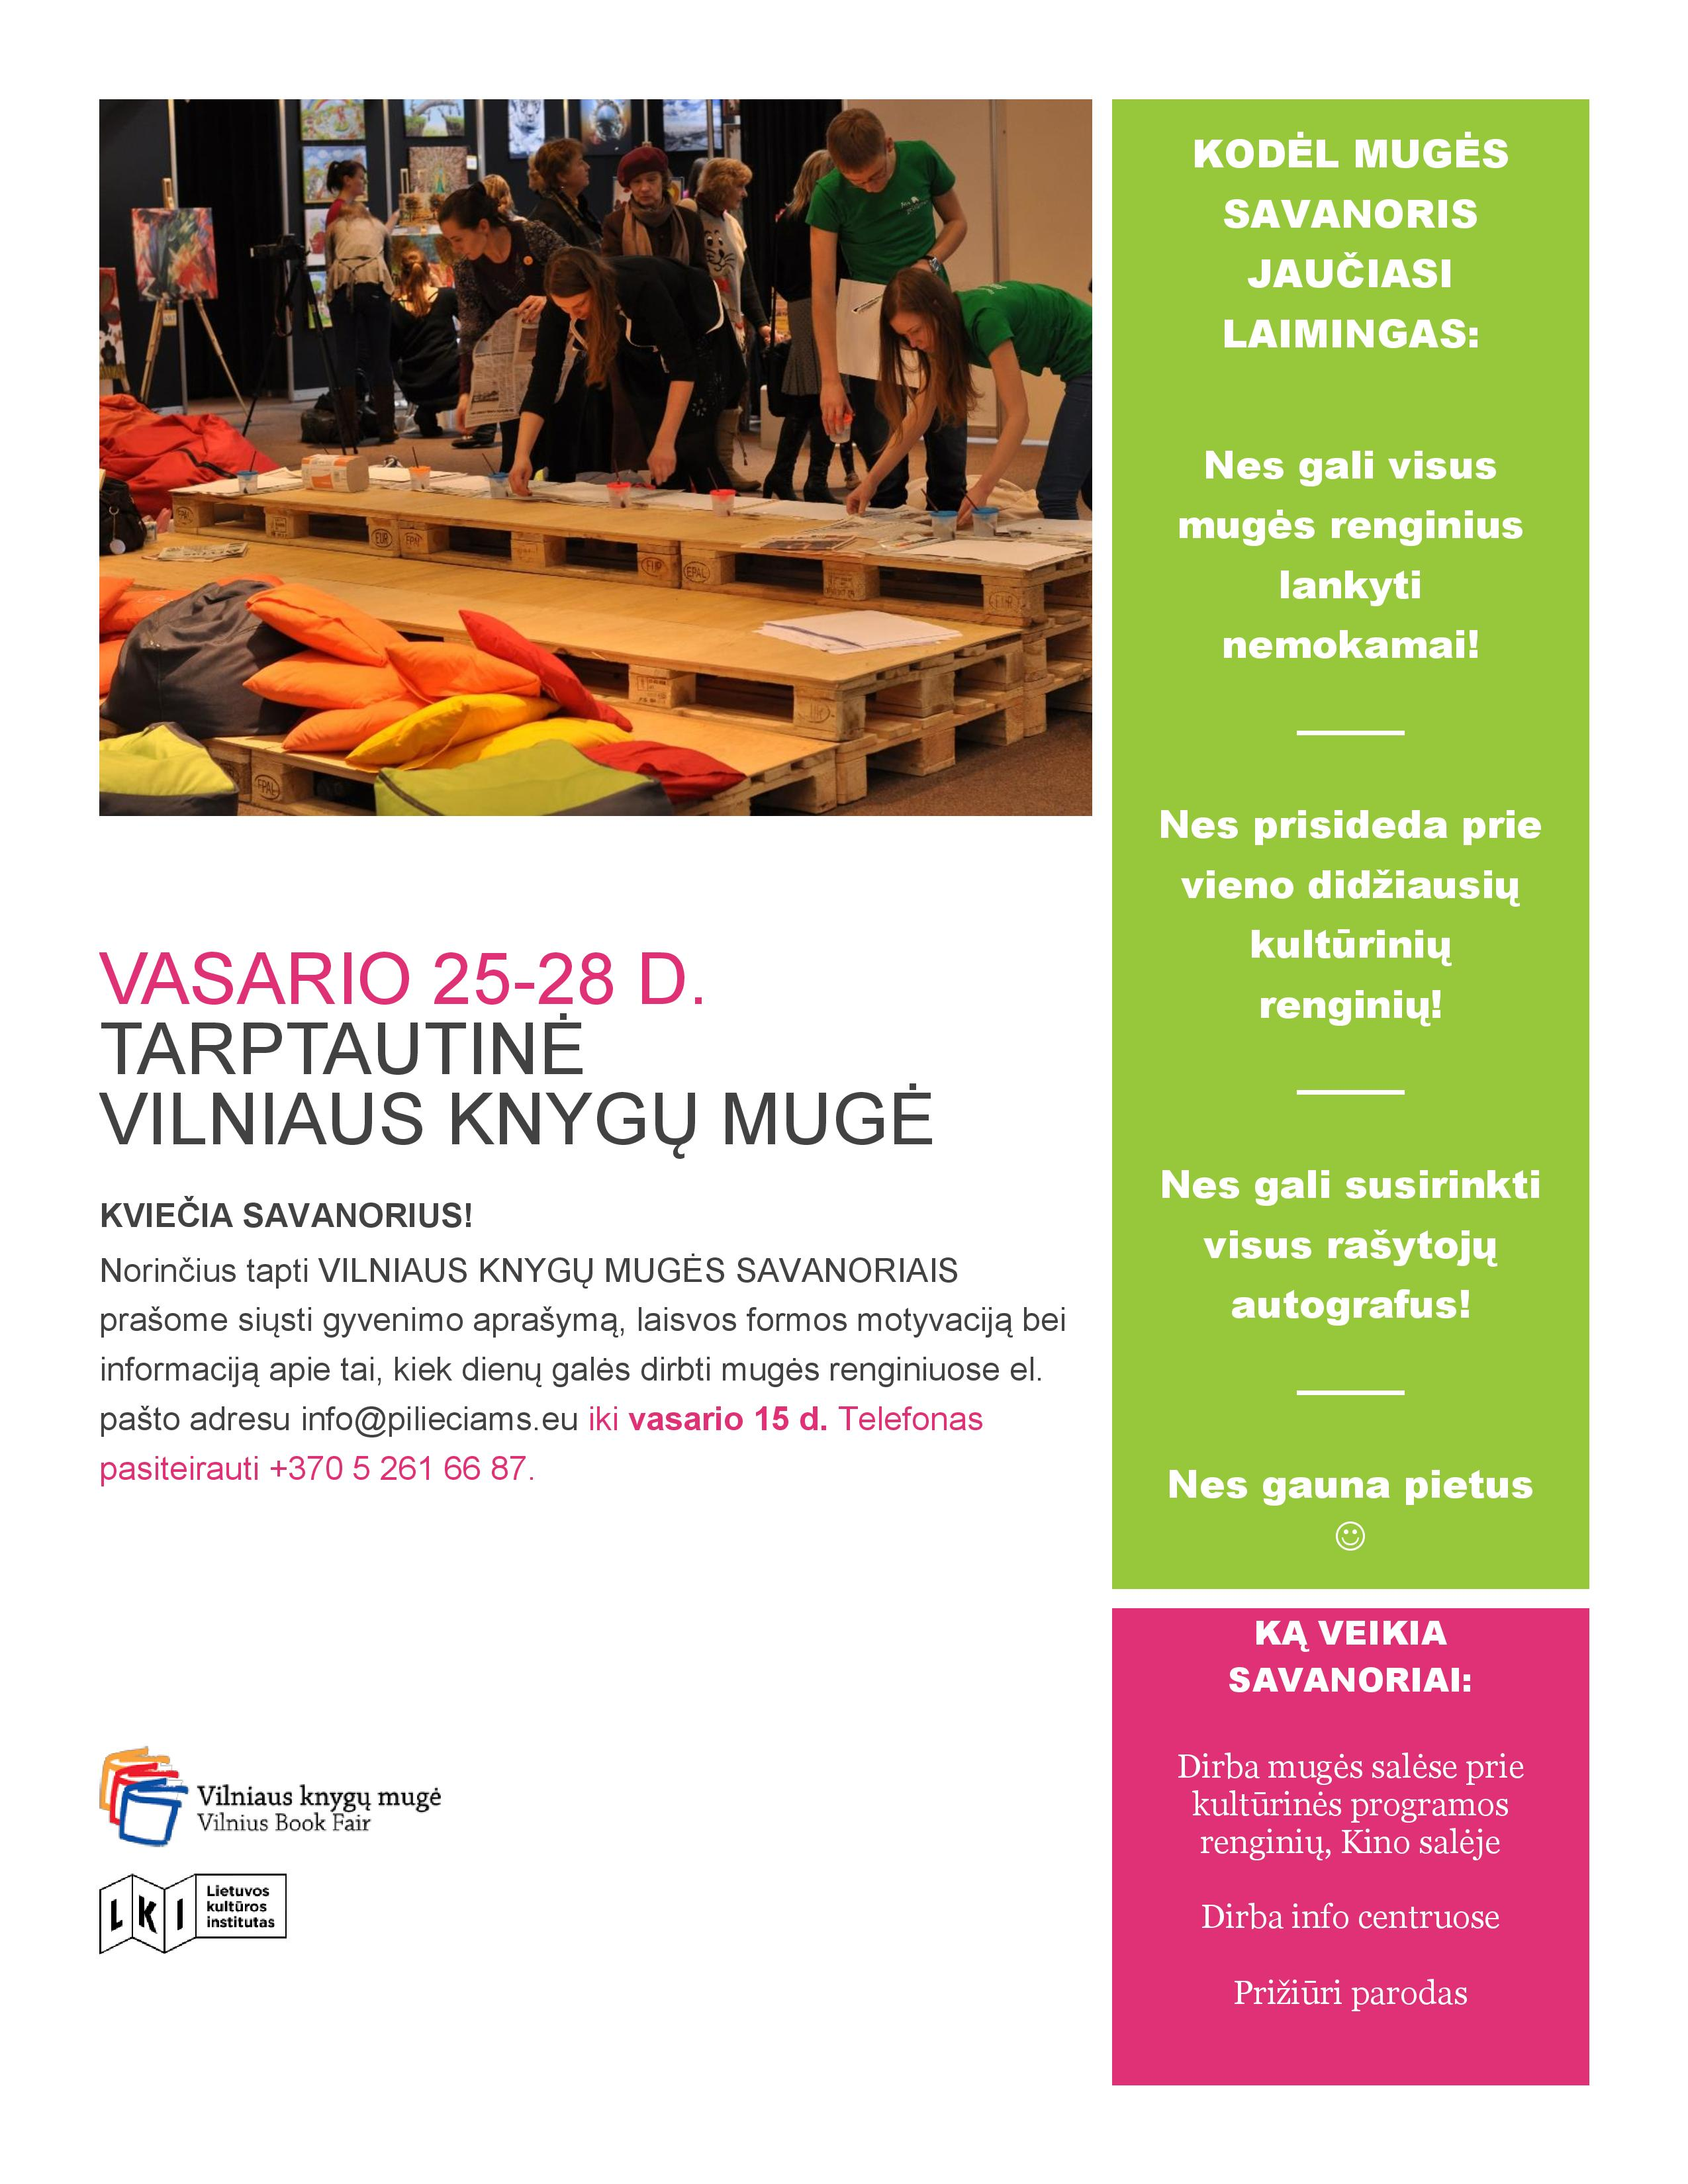 vkm_savanoriai_skelbimas-page-001 (1)